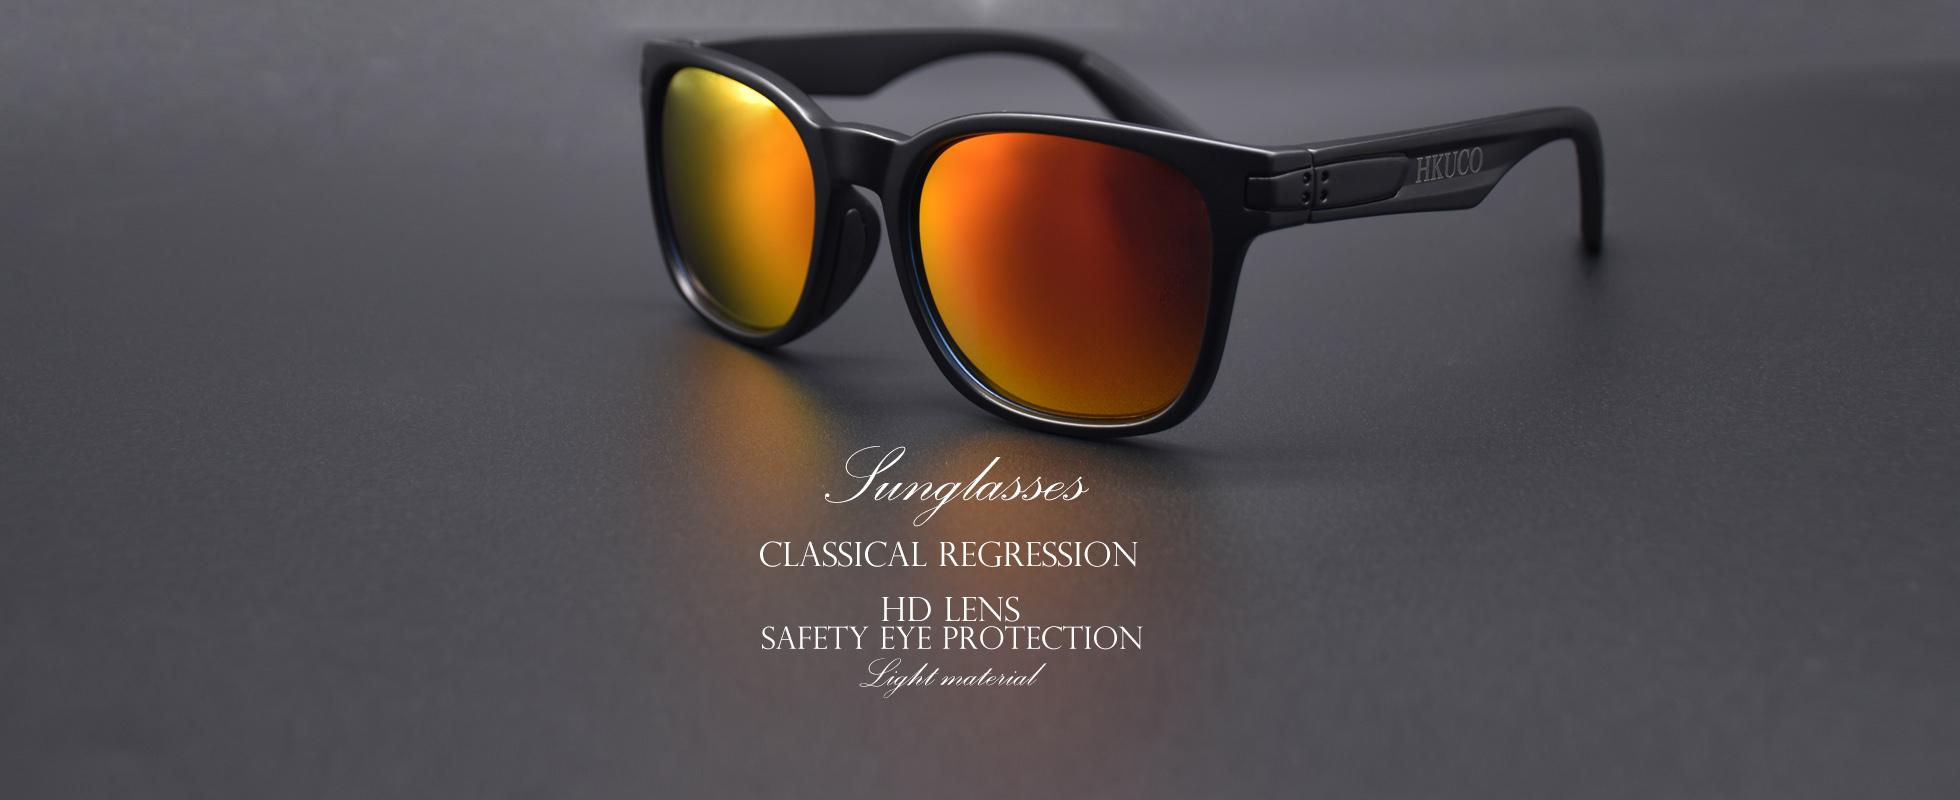 catalog/banner/HKUCO-Sunglasses-20180516-1.jpg